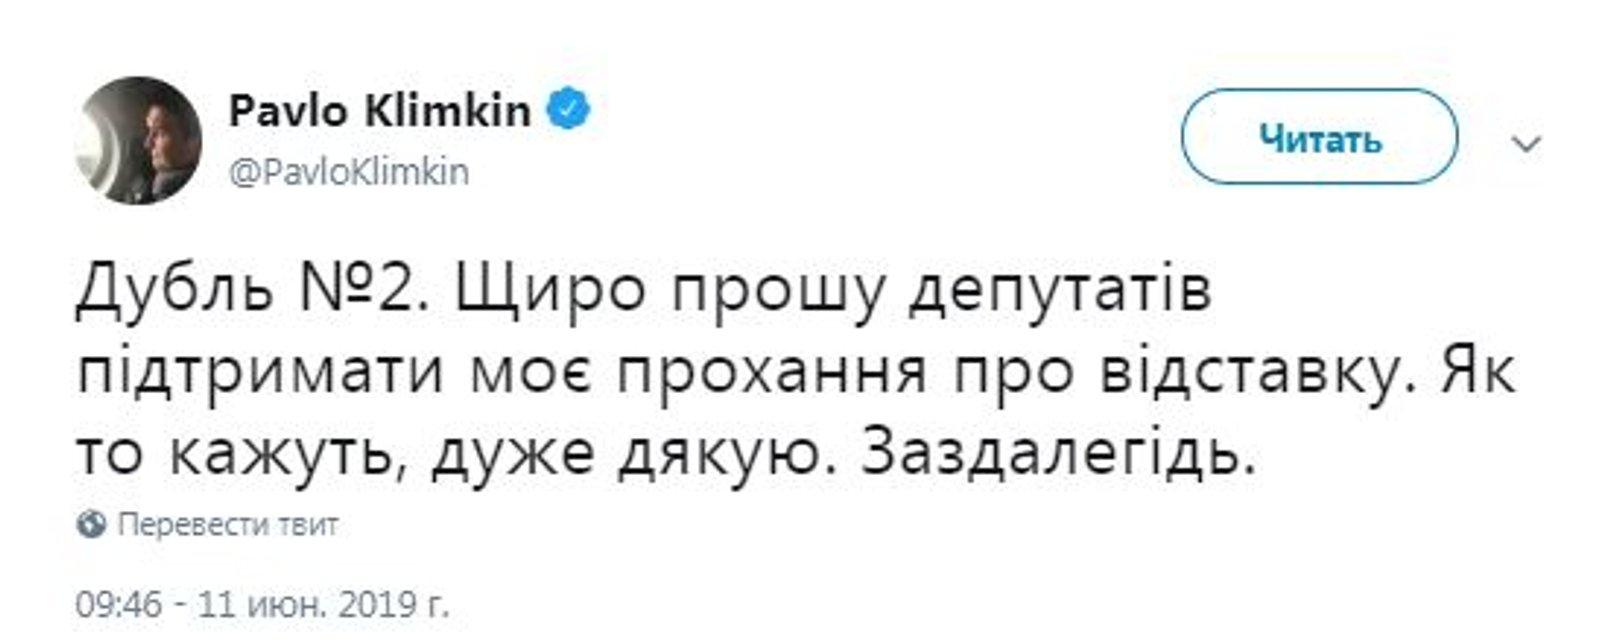 Климкин попросился в отставку. Опять - фото 182544